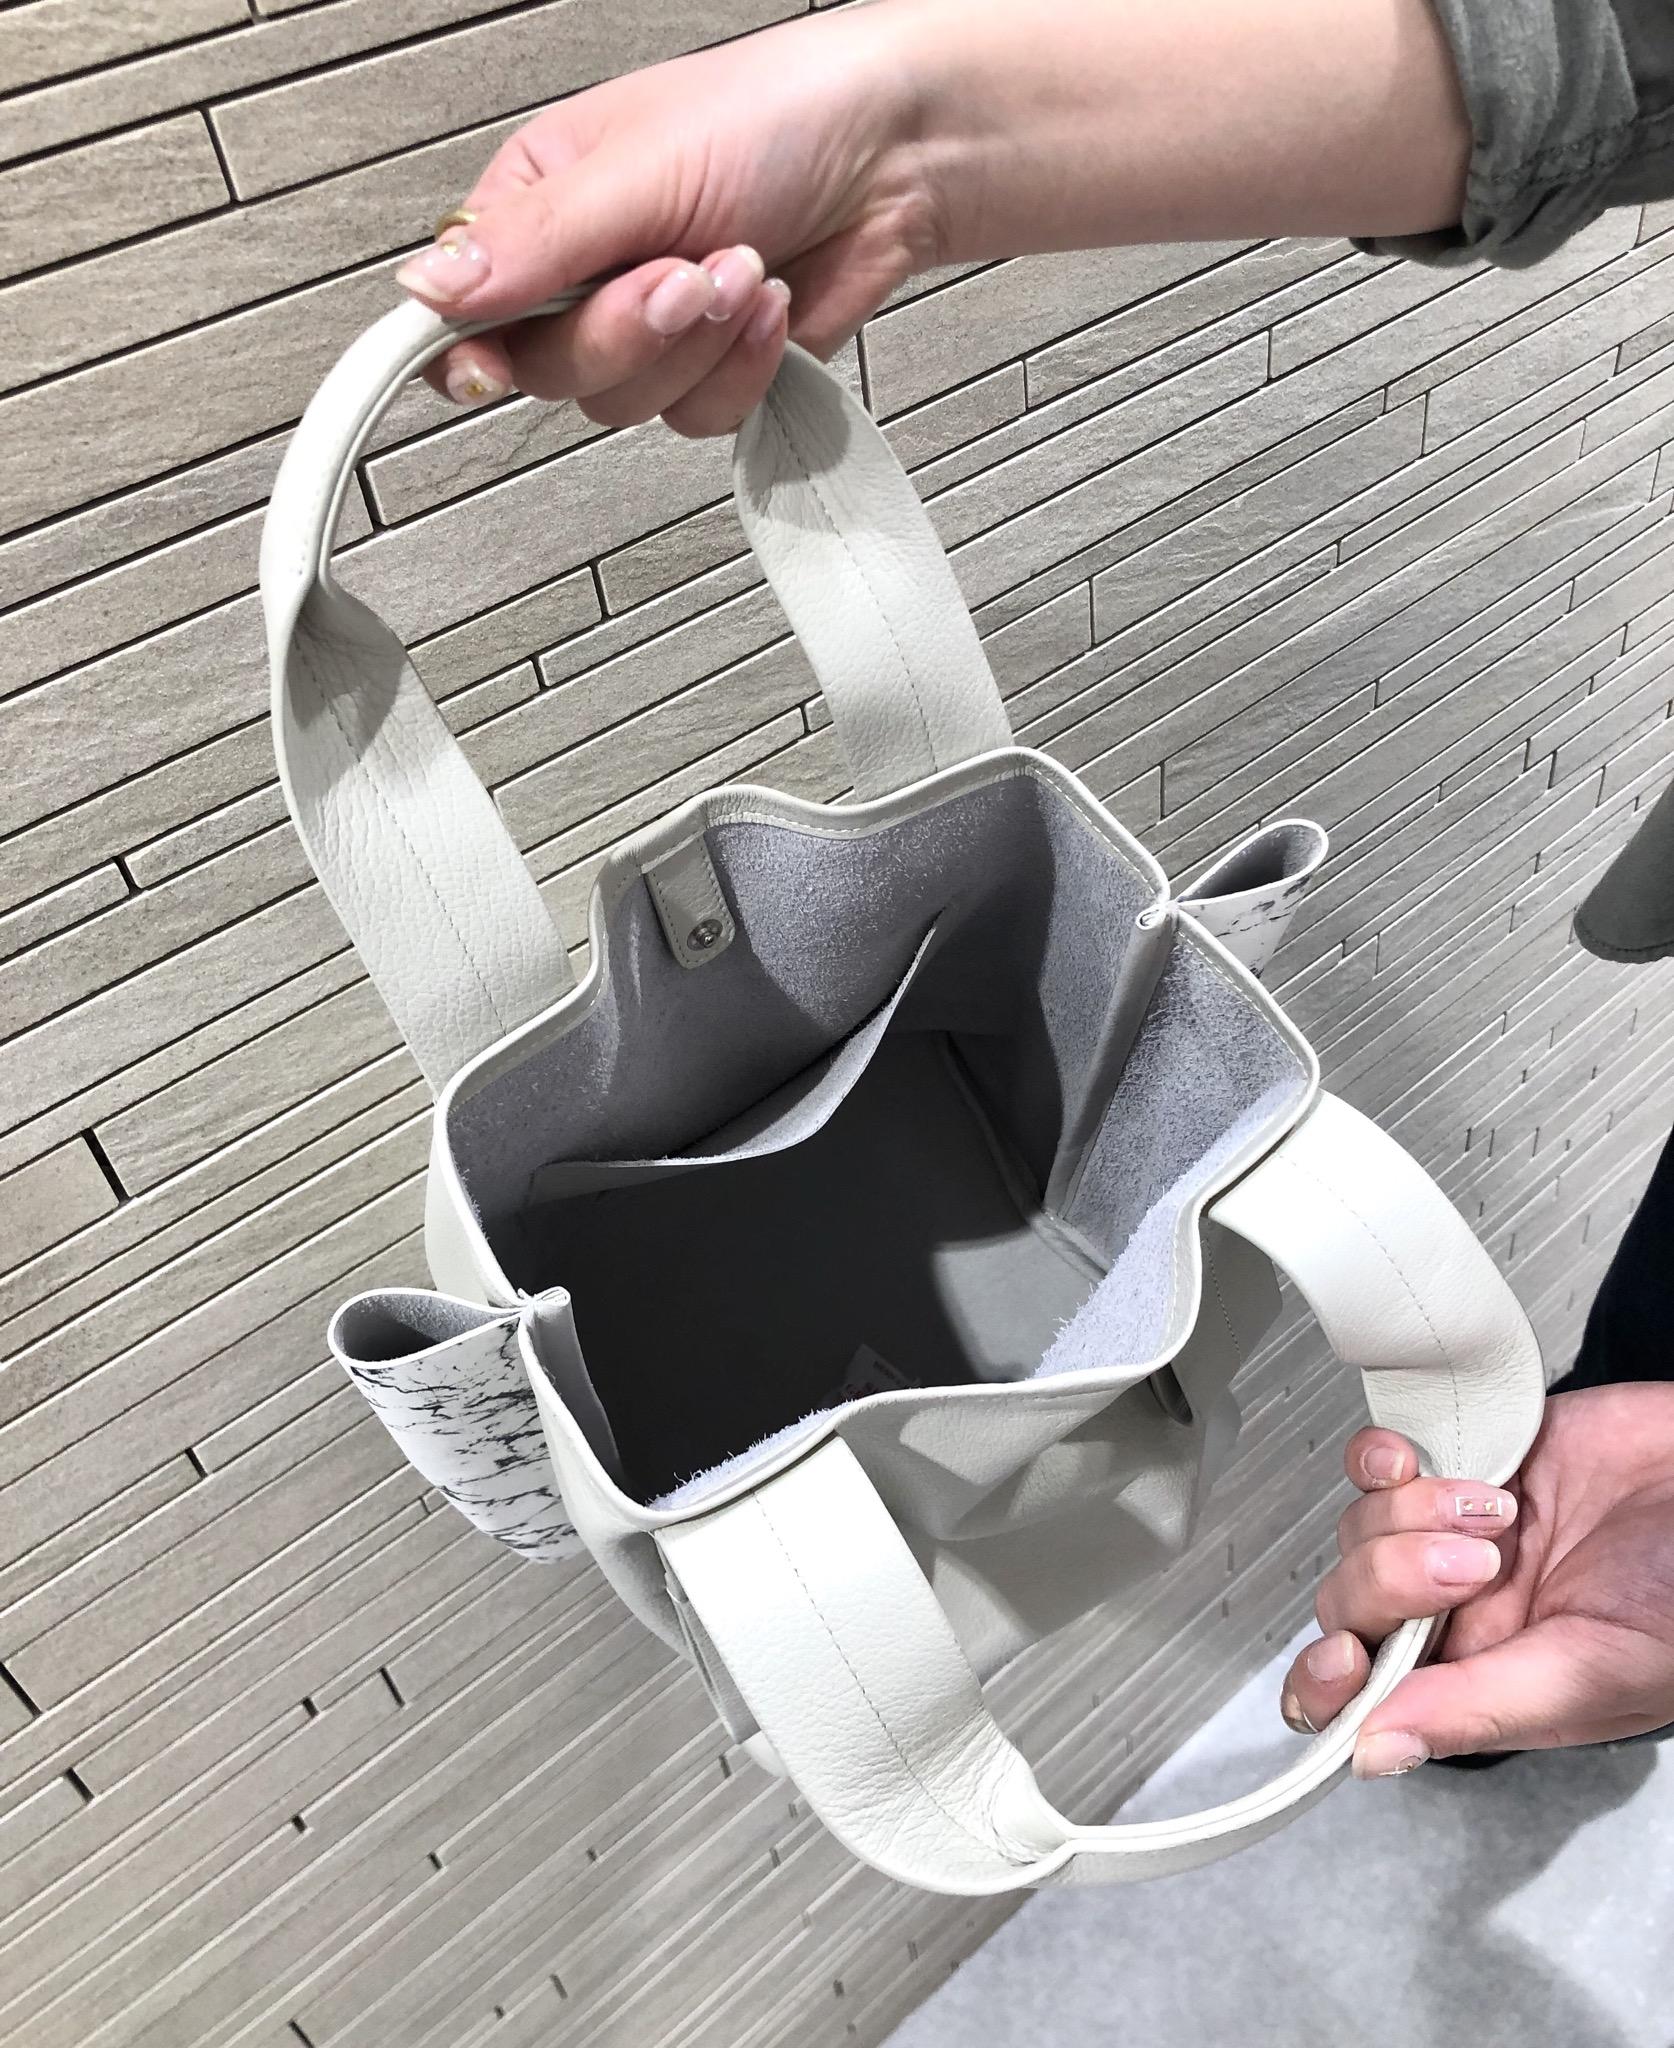 スクラップブック scrapbook  池袋東武セレクトショップ 可愛い カワイイ 可愛い アトネック atneK 星 カバン 鞄 バッグ 軽い 春 新作